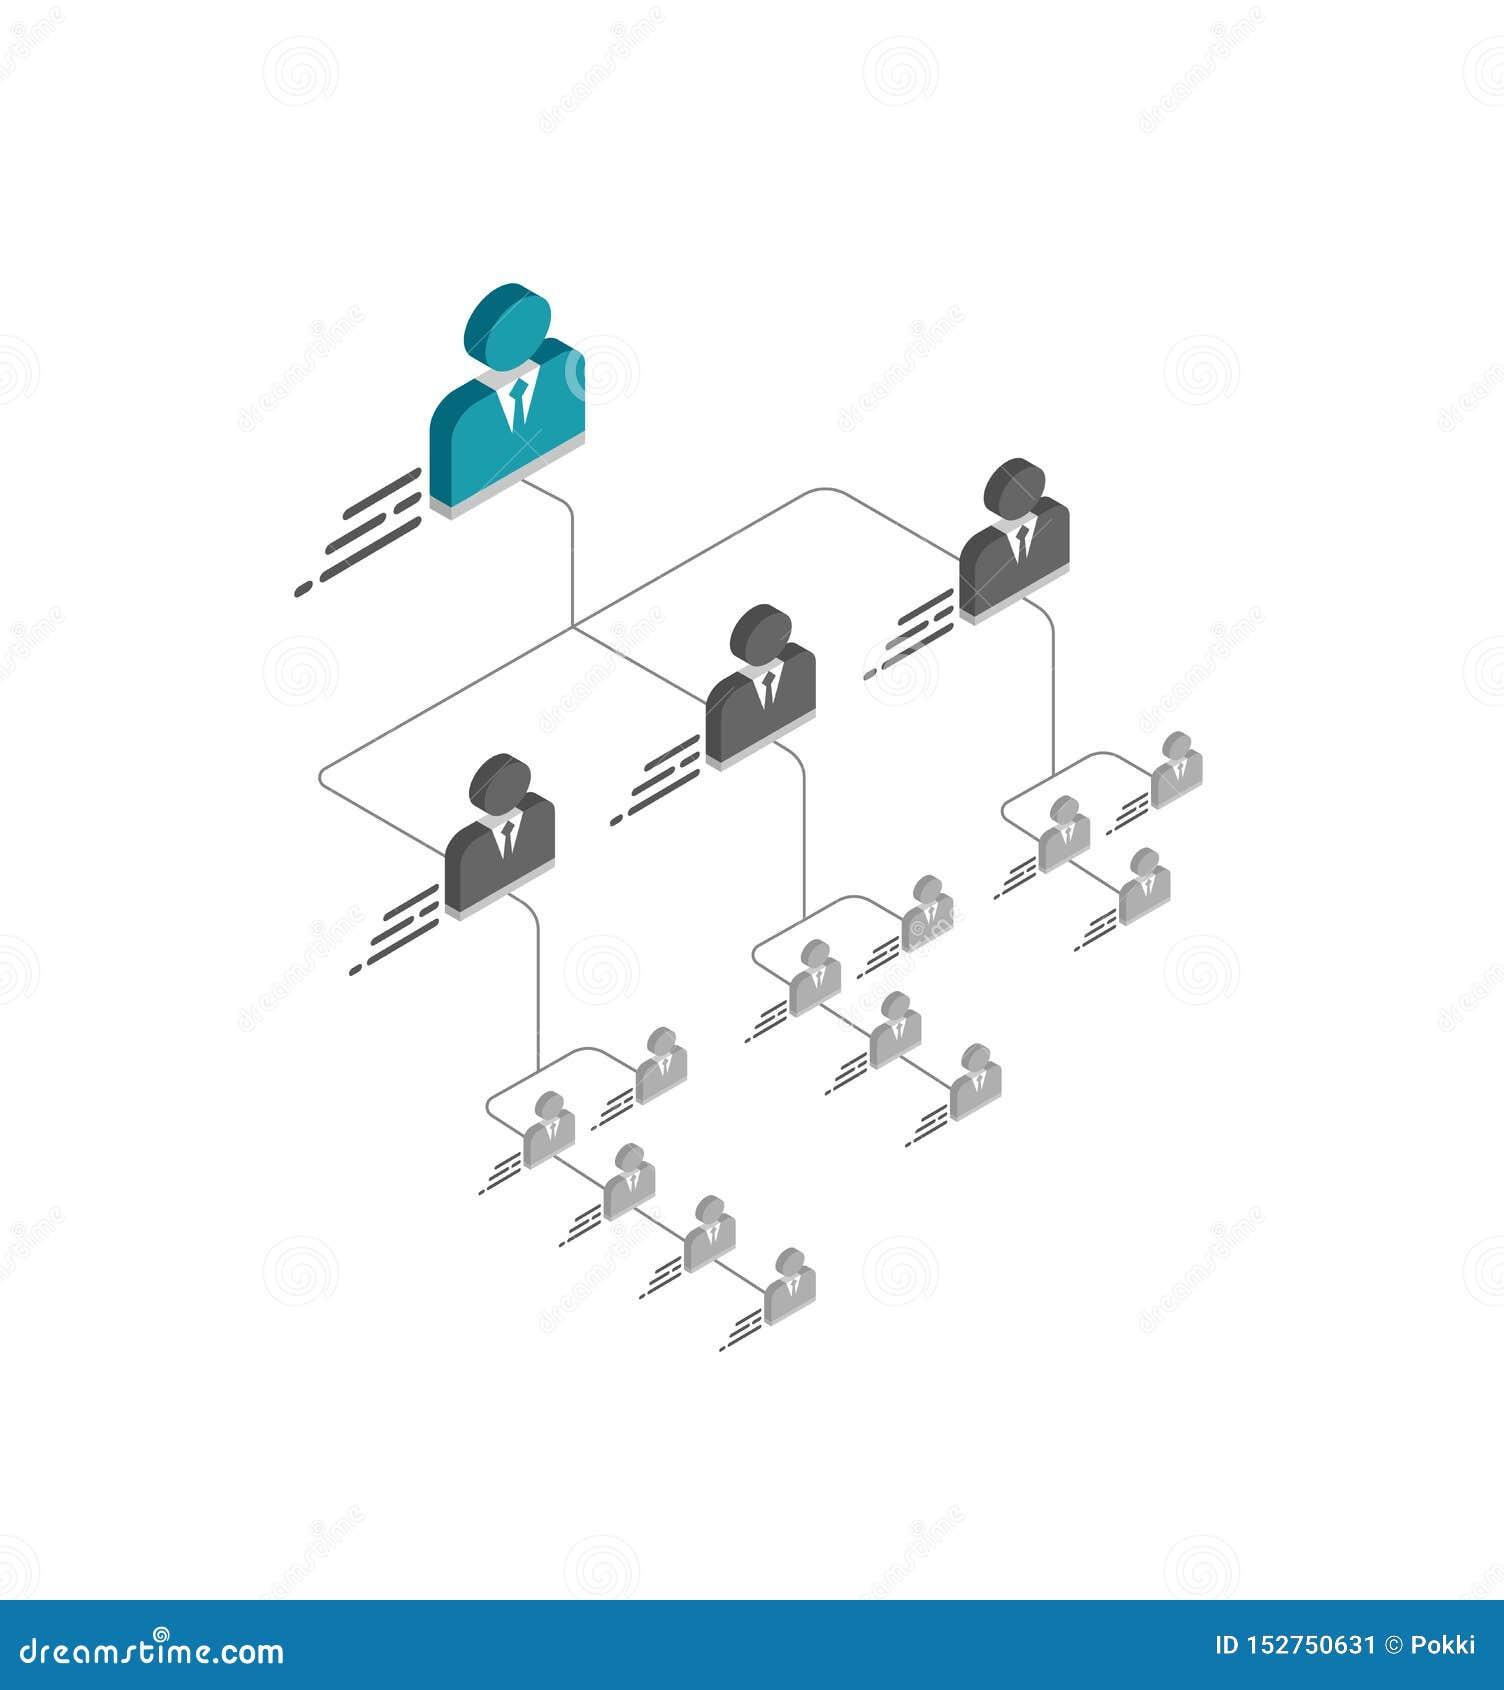 Isometric organizacji mapy szablon z prostymi kierownik ikonami i miejsce dla imion i pozycji